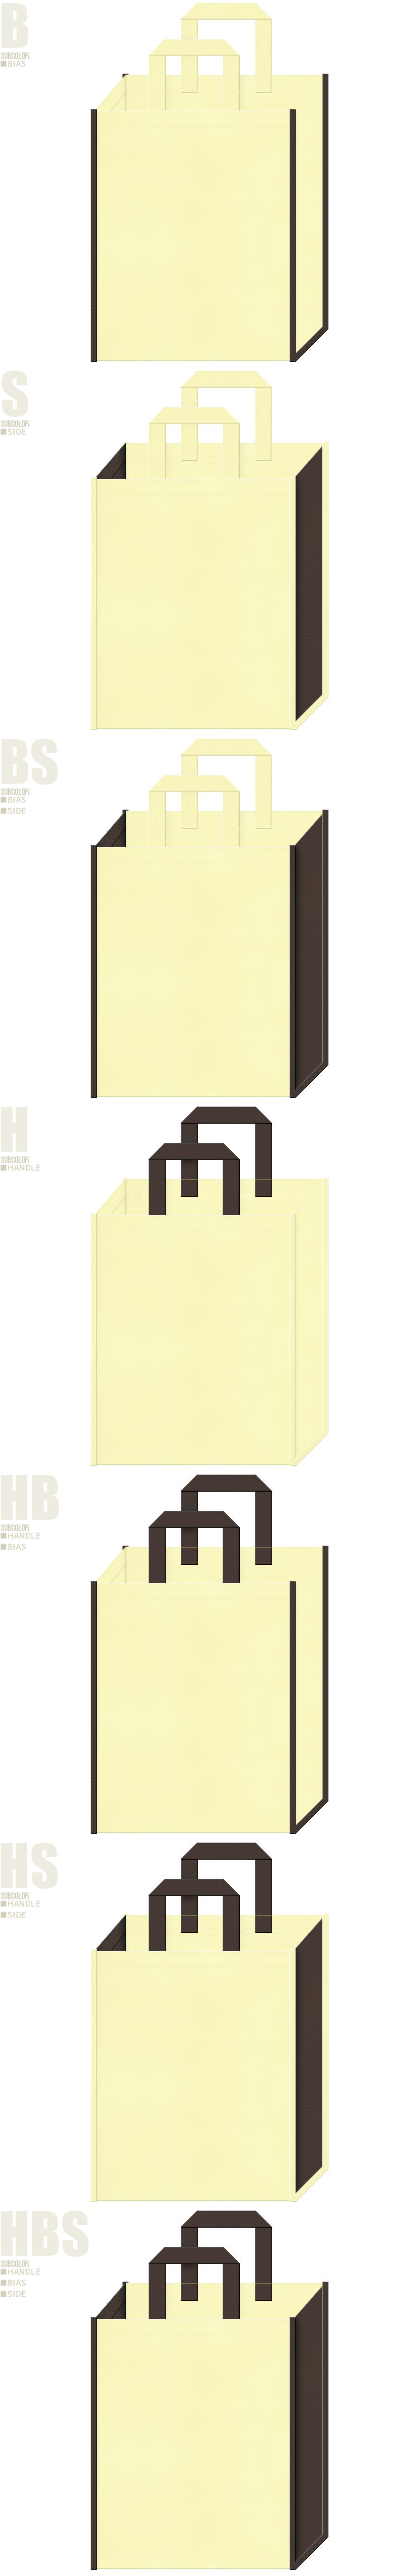 お月見・チーズ・おつまみ・マーガリン・チョコクッキー・チョコバナナ・チョコクレープ・石窯パン・クリームパン・カフェ・スイーツ・ベーカリー和菓子にお奨めの不織布バッグデザイン:薄黄色とこげ茶色の配色7パターン。